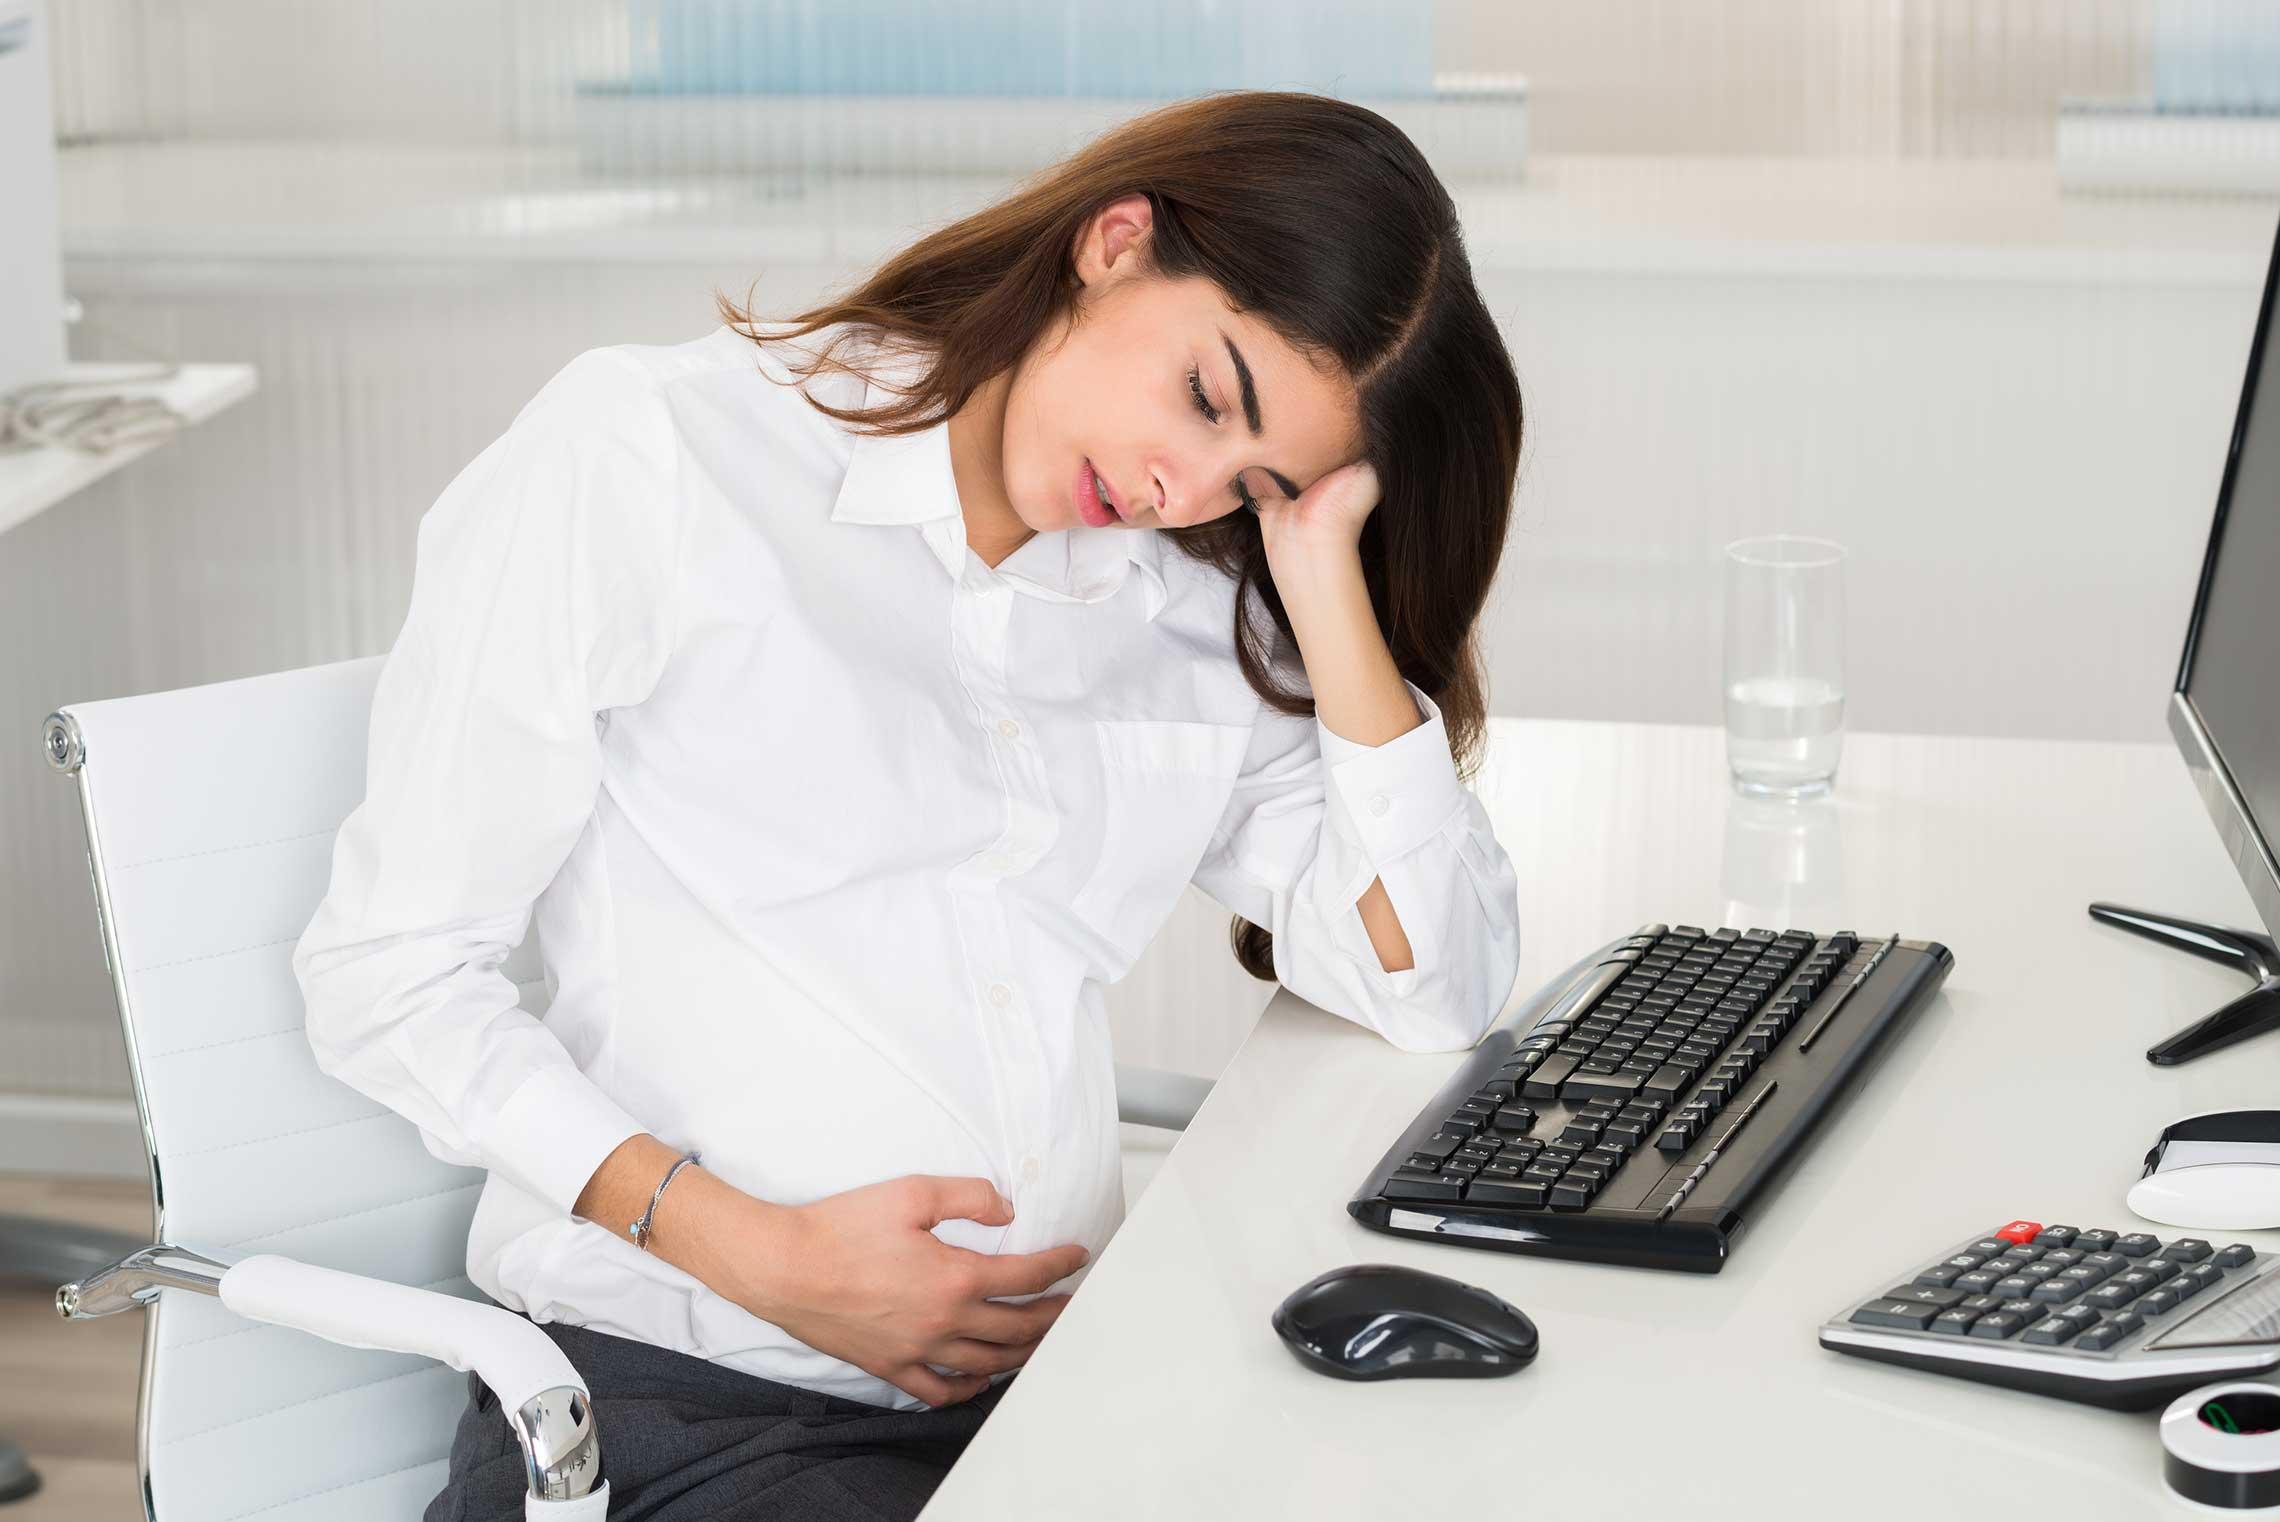 Сокращенный рабочий день беременным тк рф